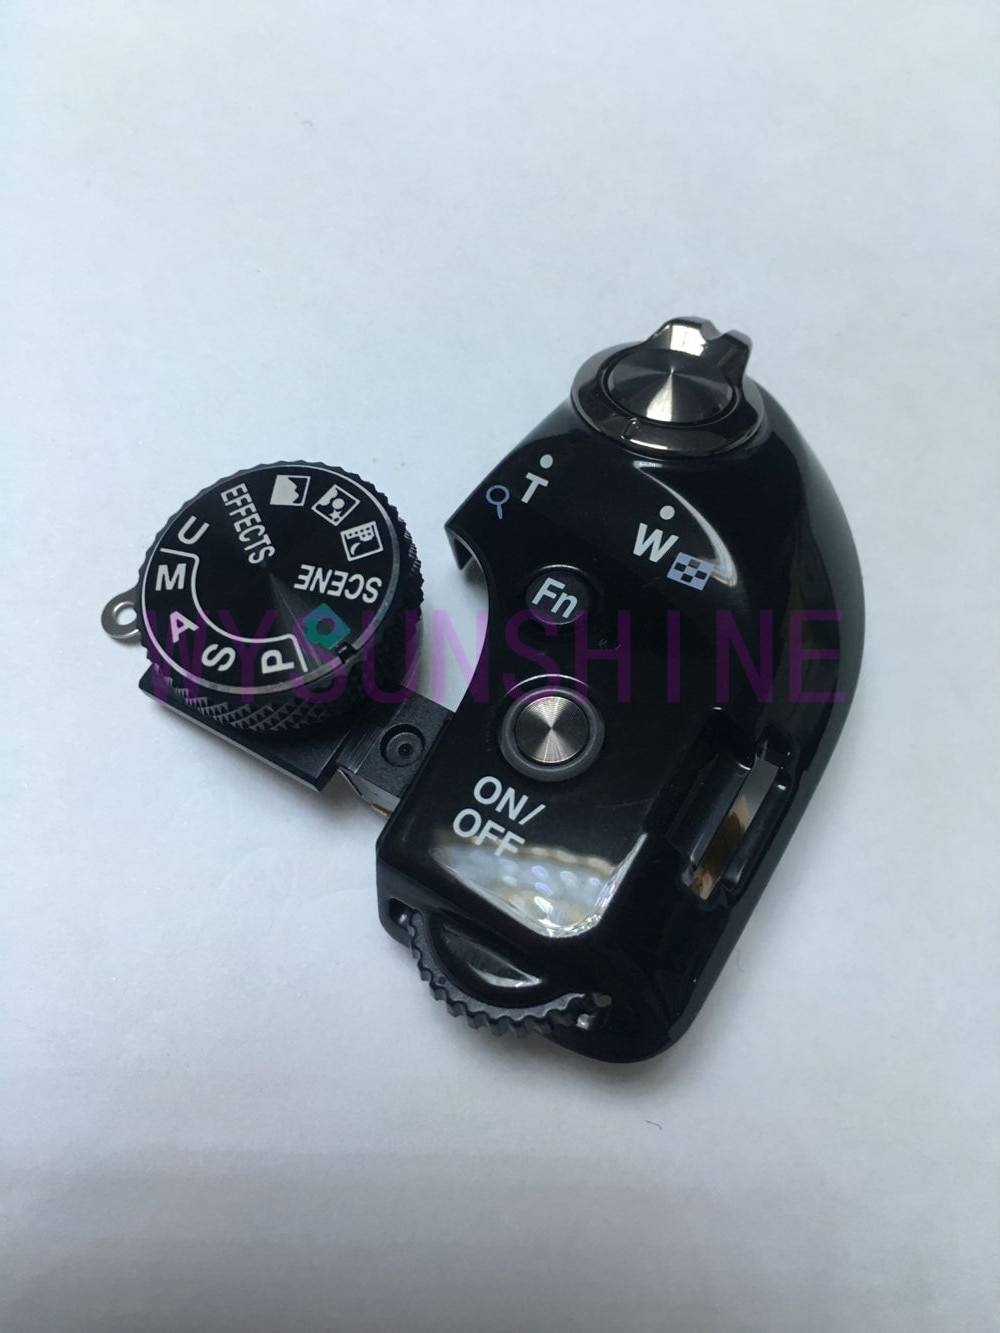 Original de la cubierta superior modelo Botón de marcar de interruptor botón del obturador para Nikon P610 de piezas de reparación Cámara